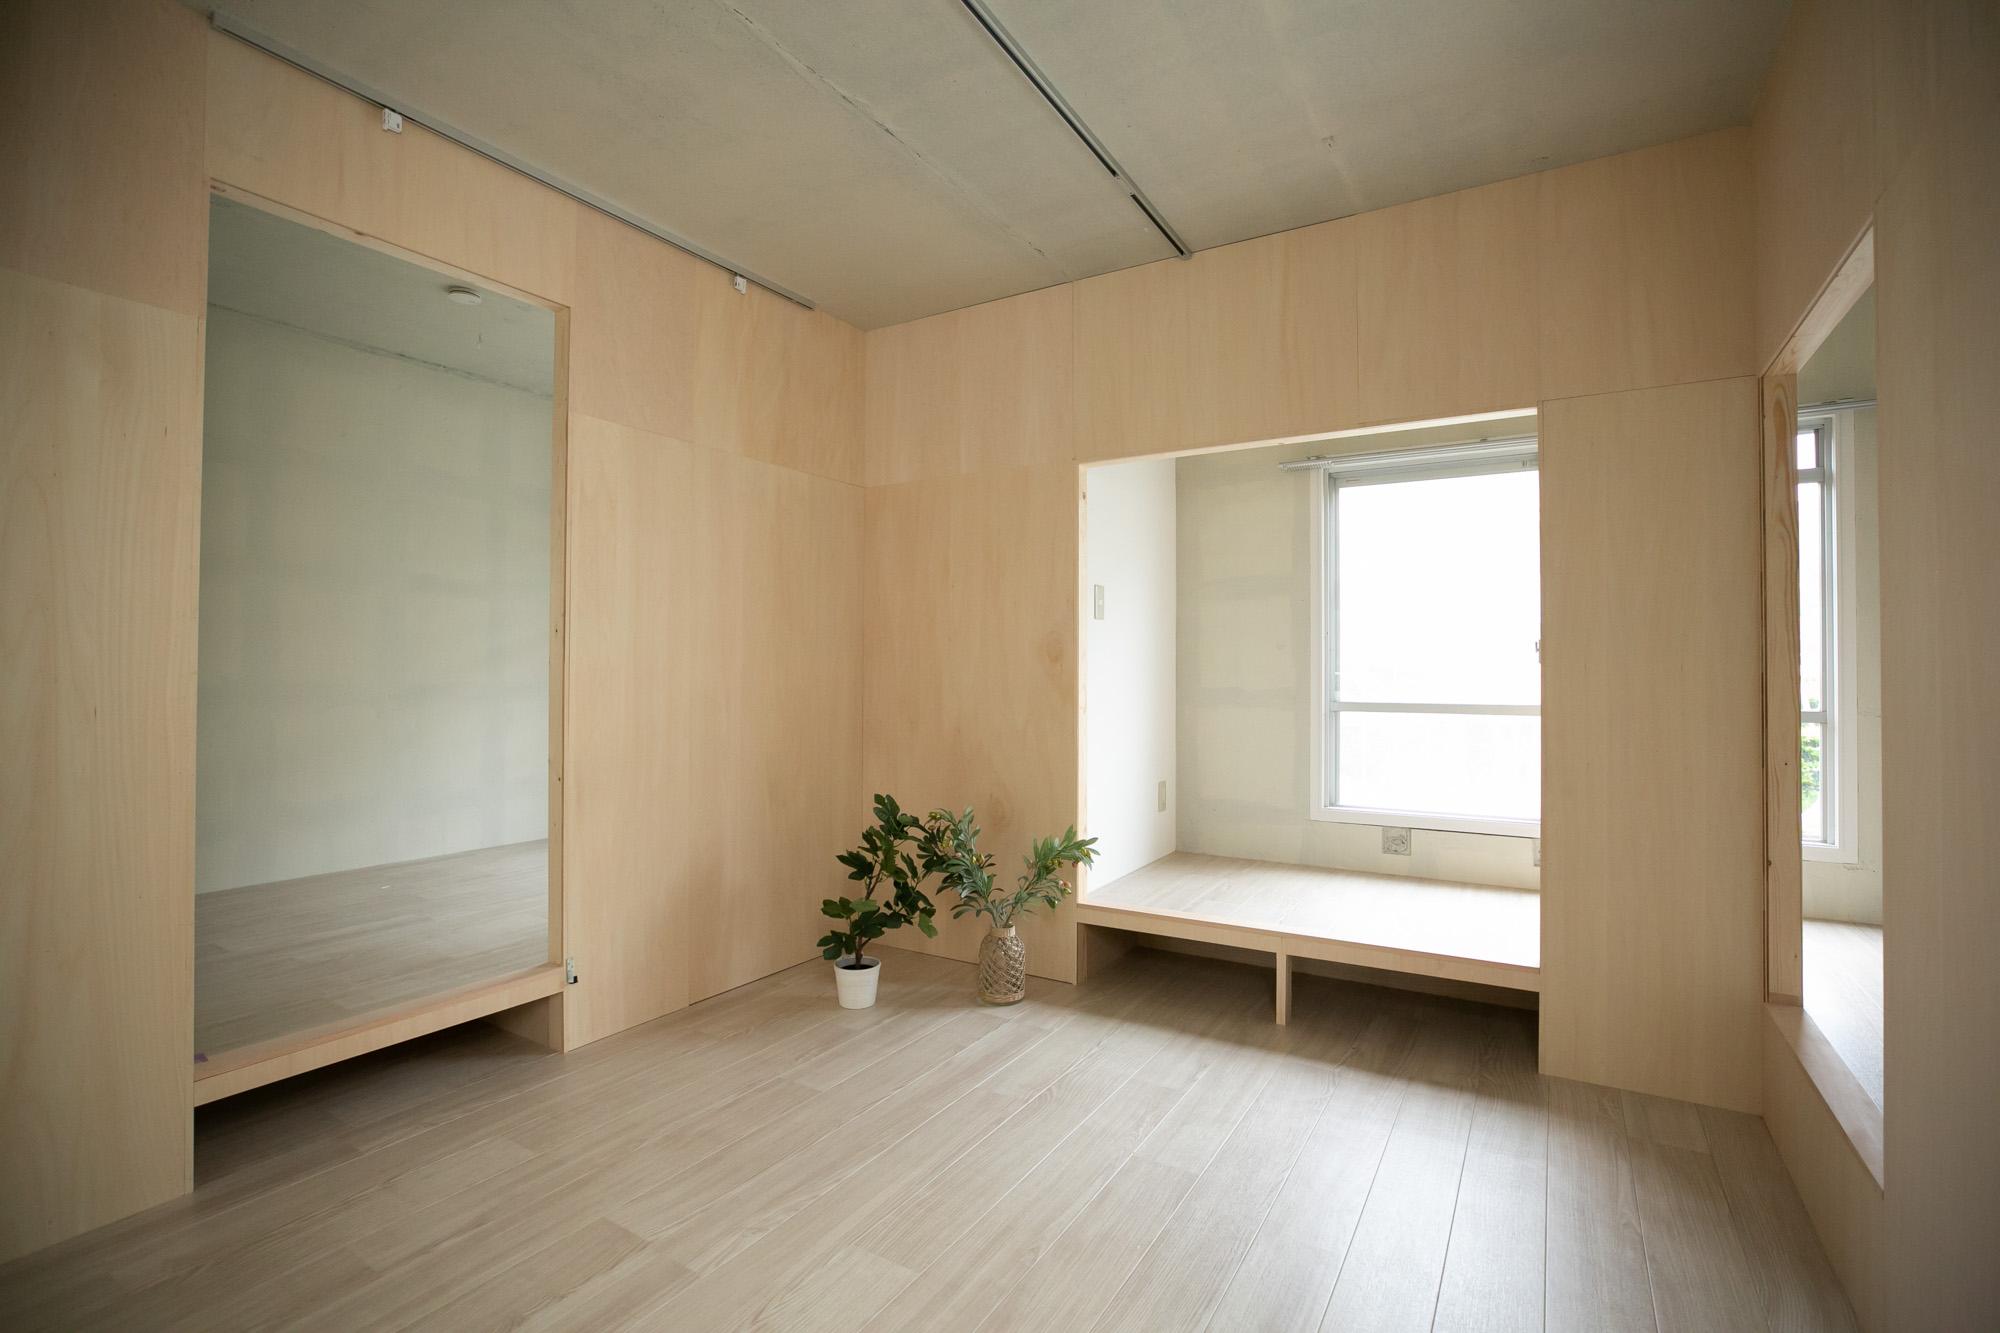 バルコニー反対側には、小上がりのあるリビングと、寝室。